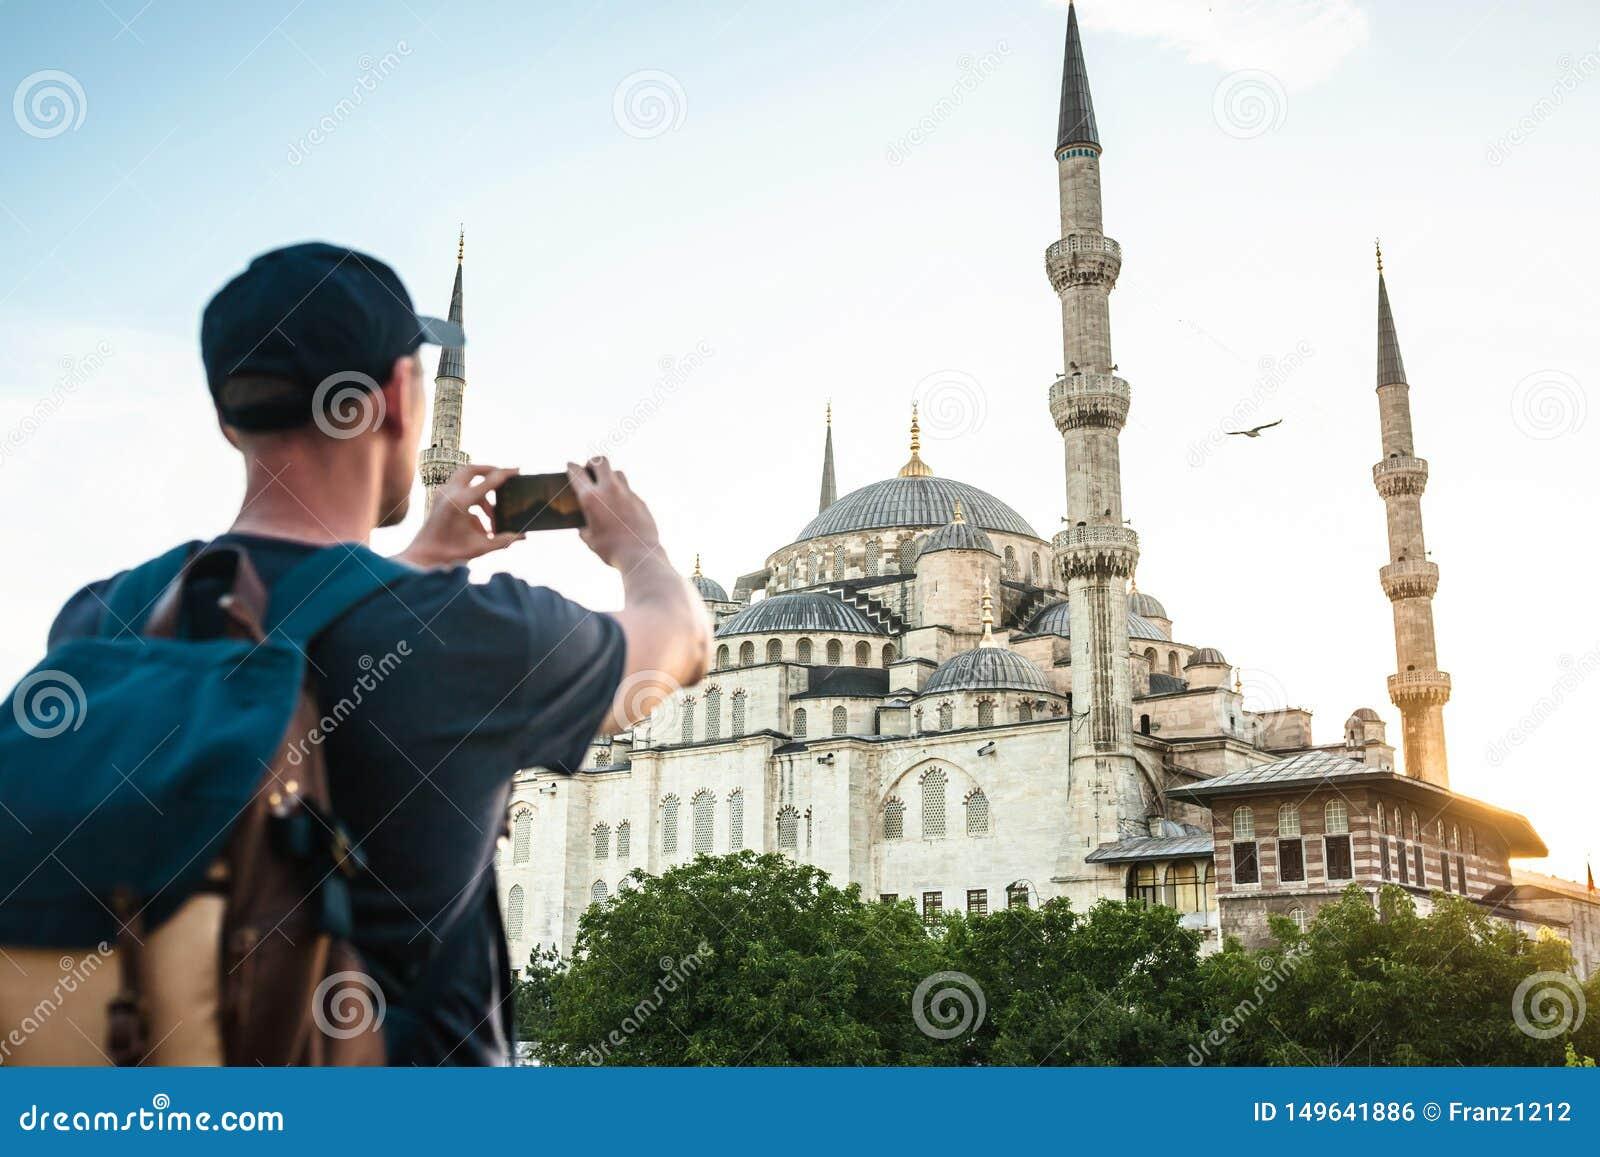 Fotografías turísticas la mezquita azul